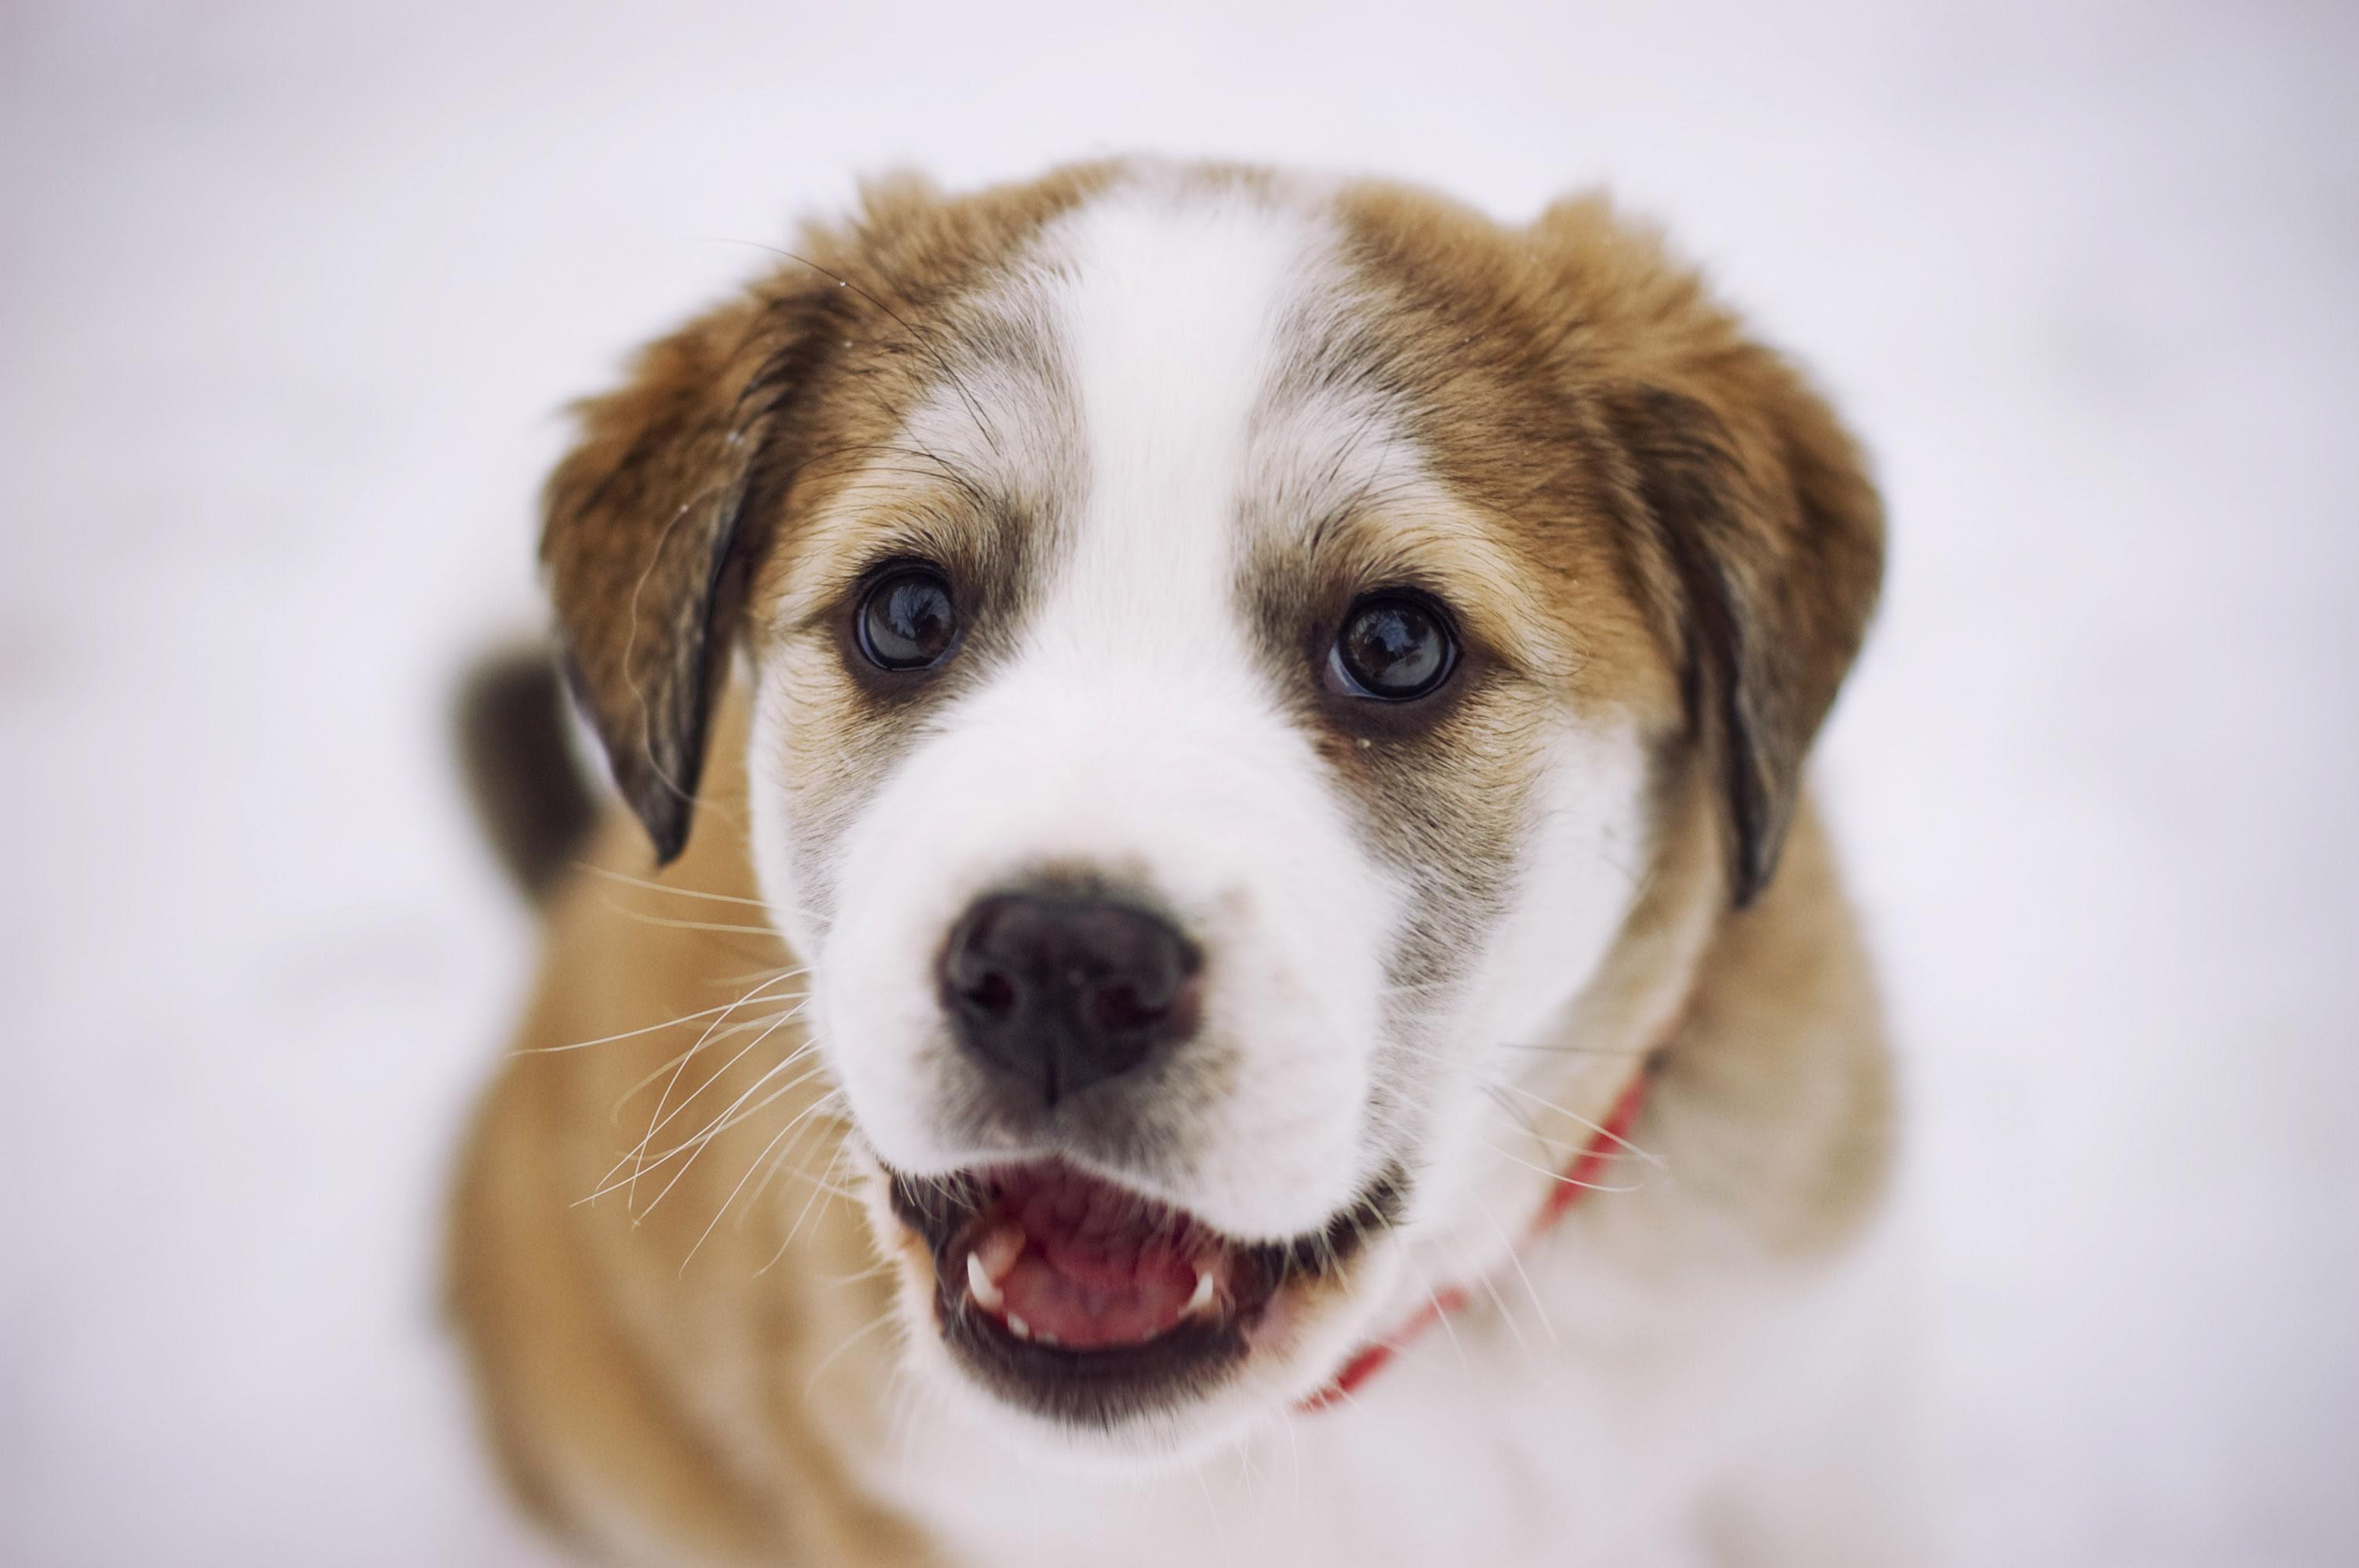 フリー画像動物写真哺乳類イヌ科犬イヌ子犬フリー素材画像素材